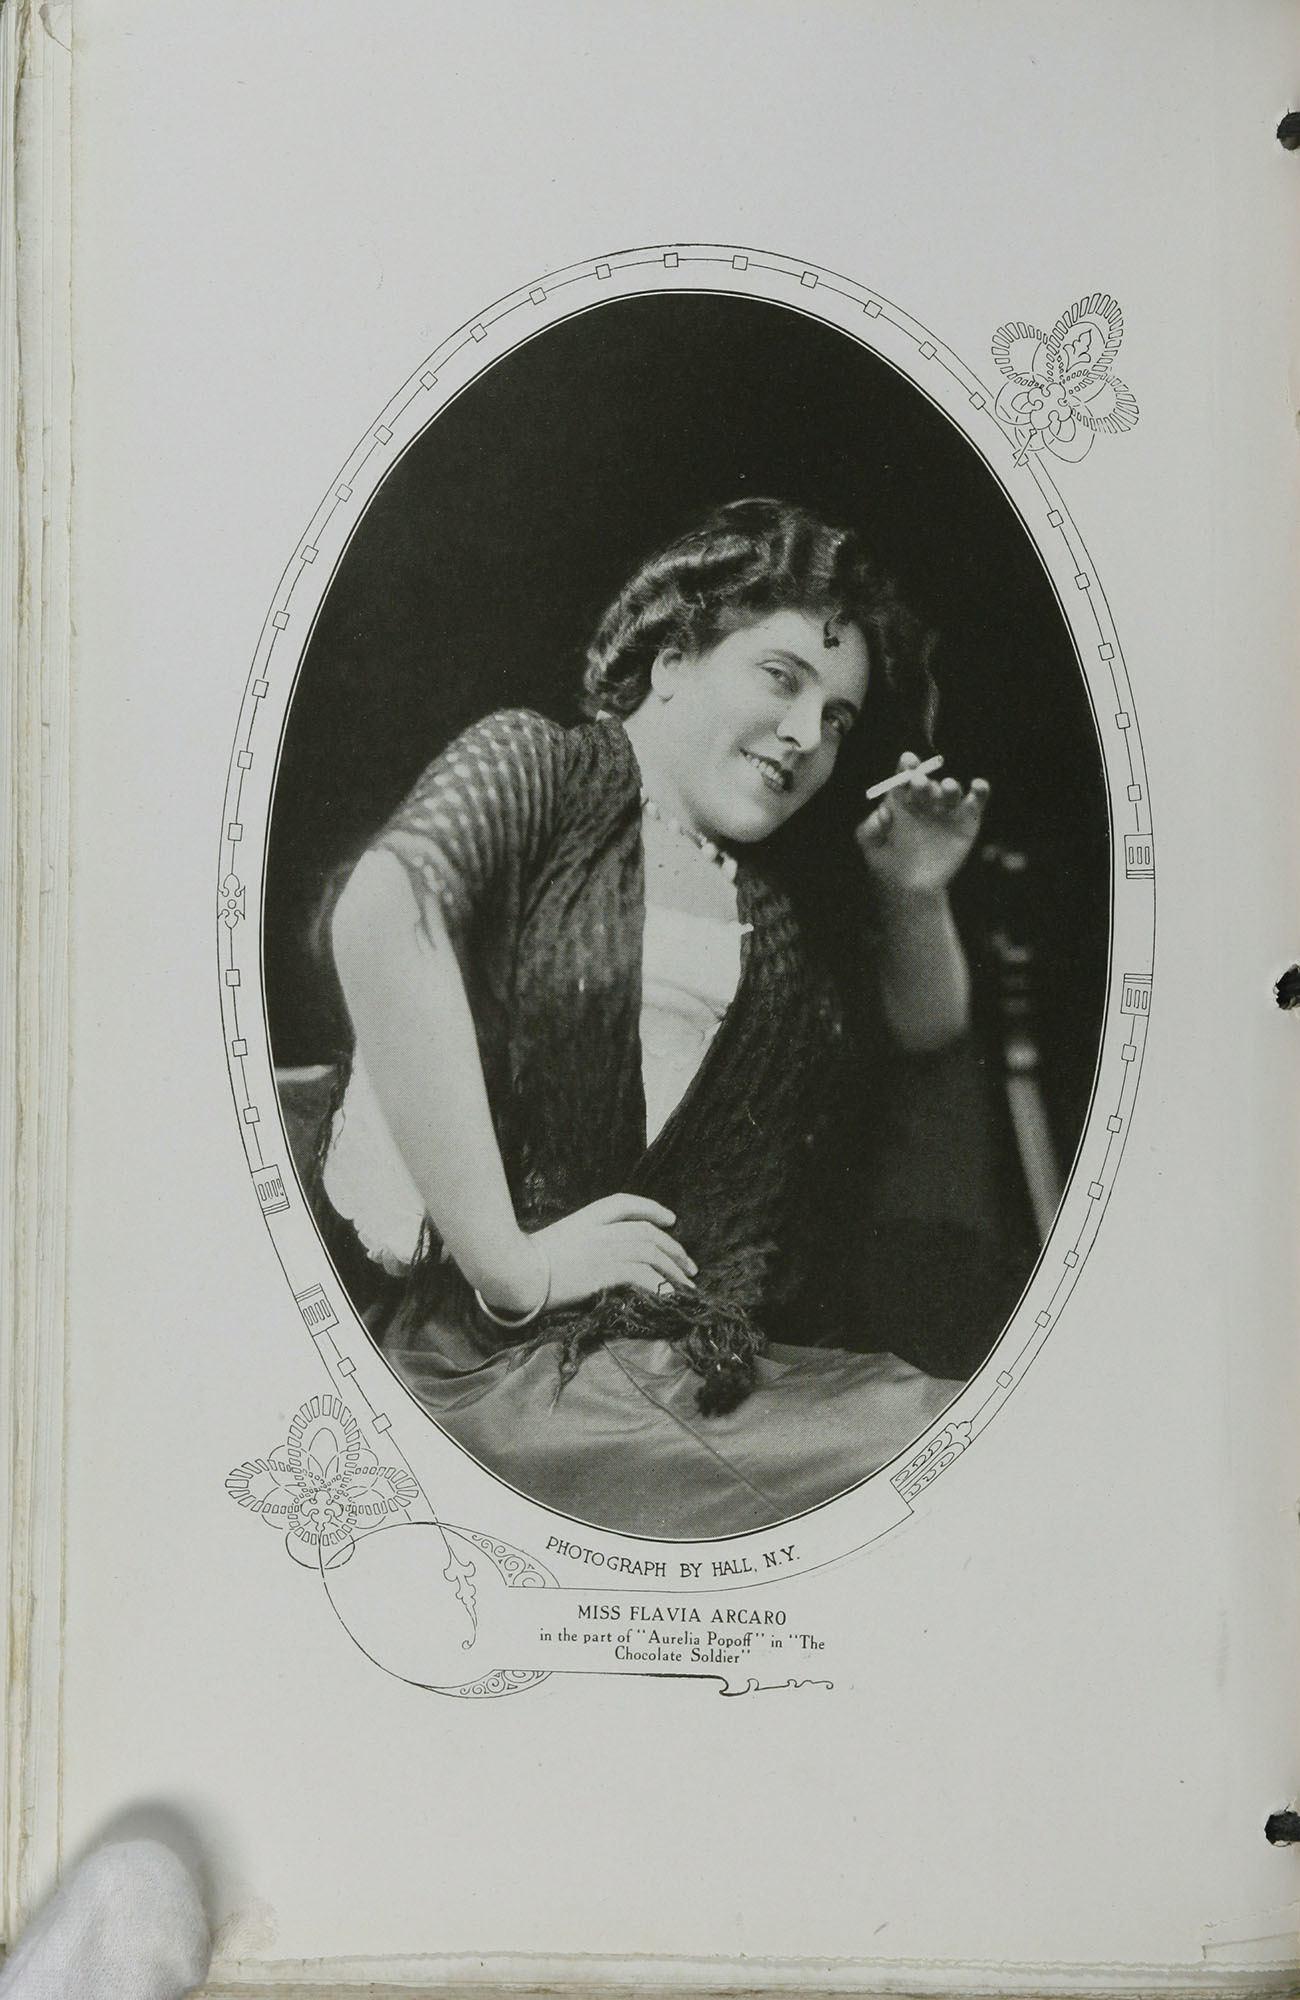 Flavia Arcaro